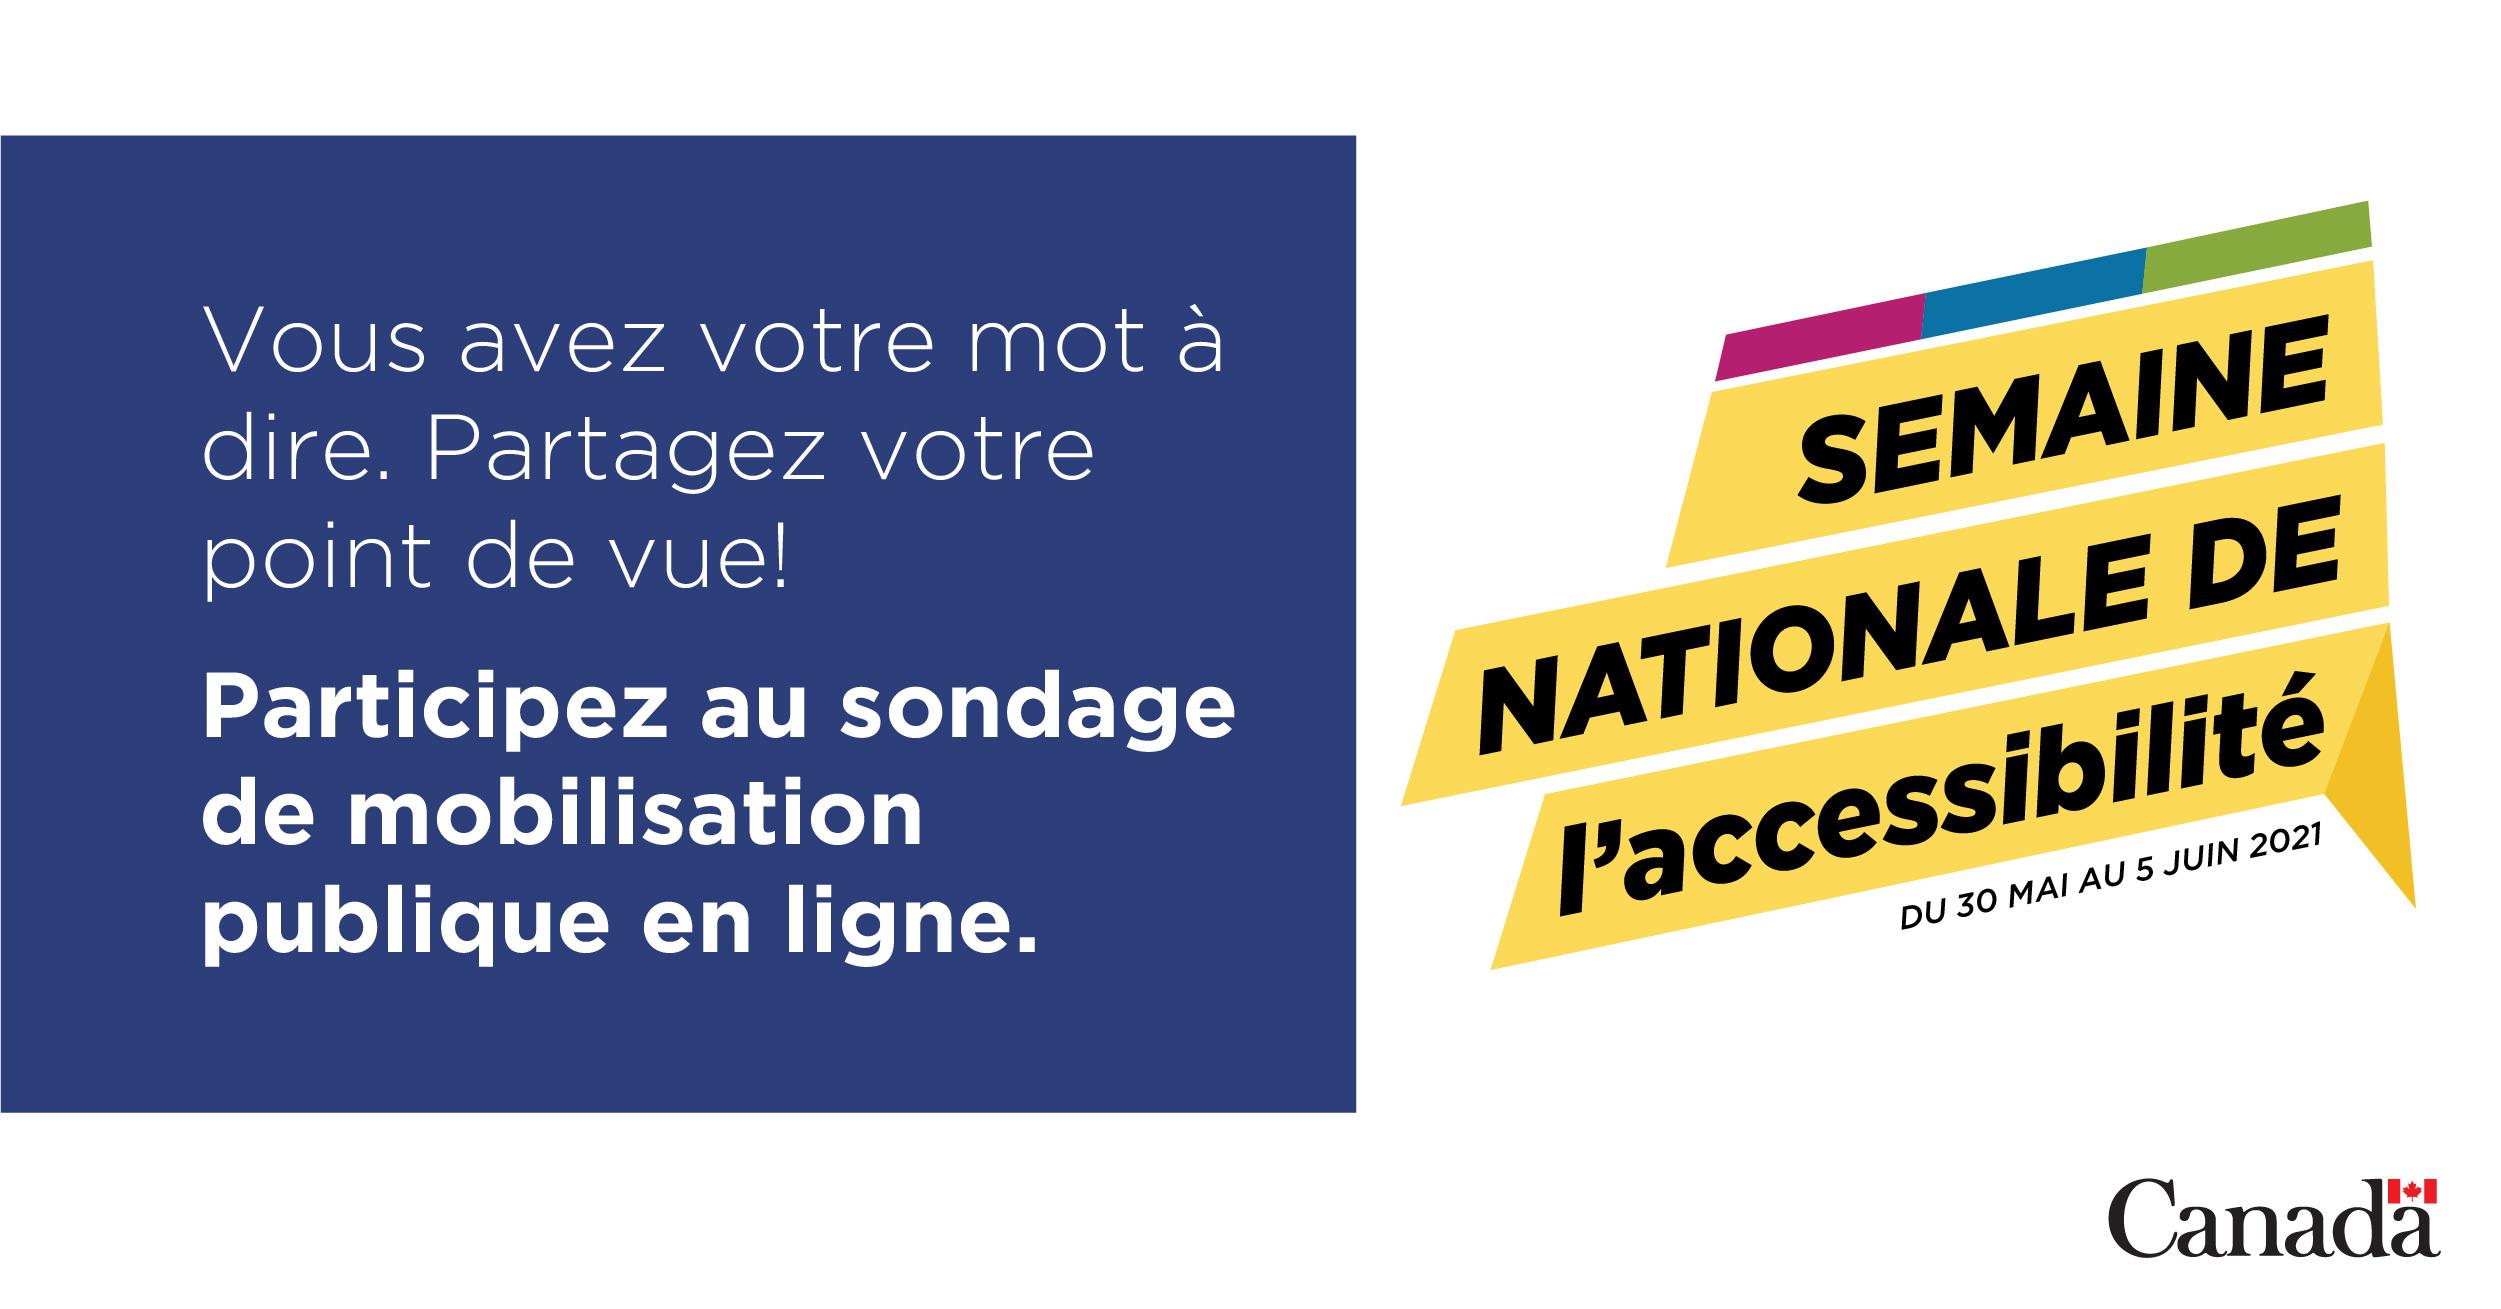 Graphique qui se lit « Vous avez votre mot à dire. Partagez votre point de vue! Participez au sondage de mobilisation publique en ligne. »